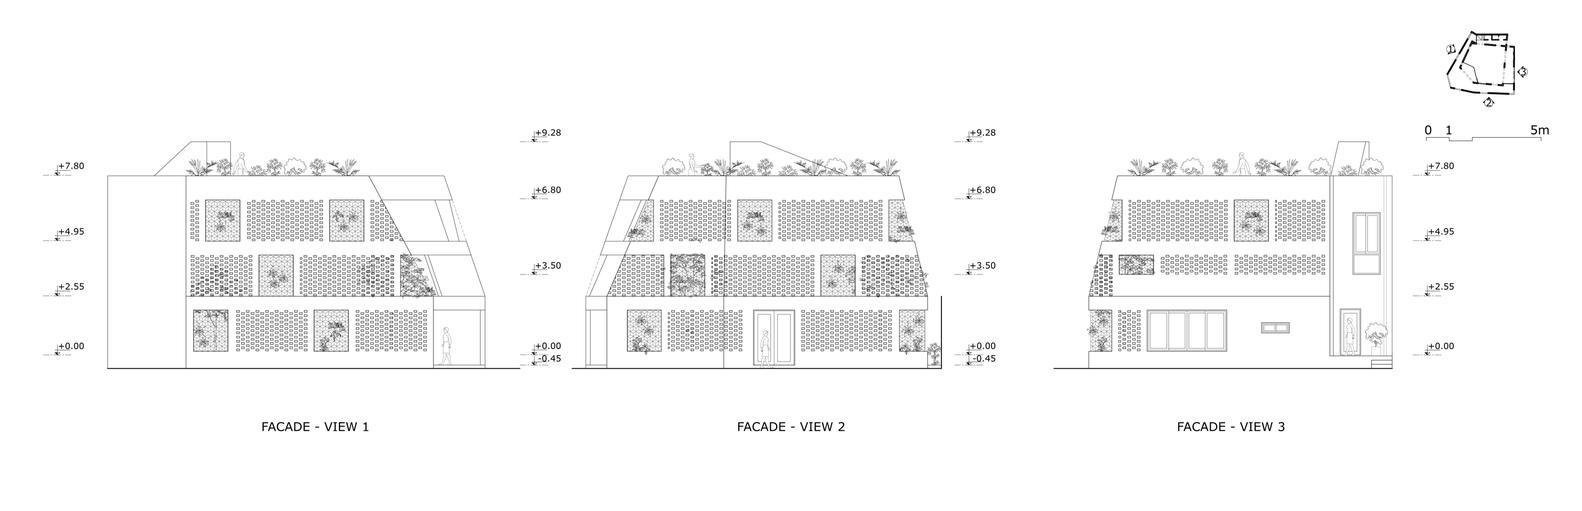 Bản vẽ mô phỏng ngôi nhà.